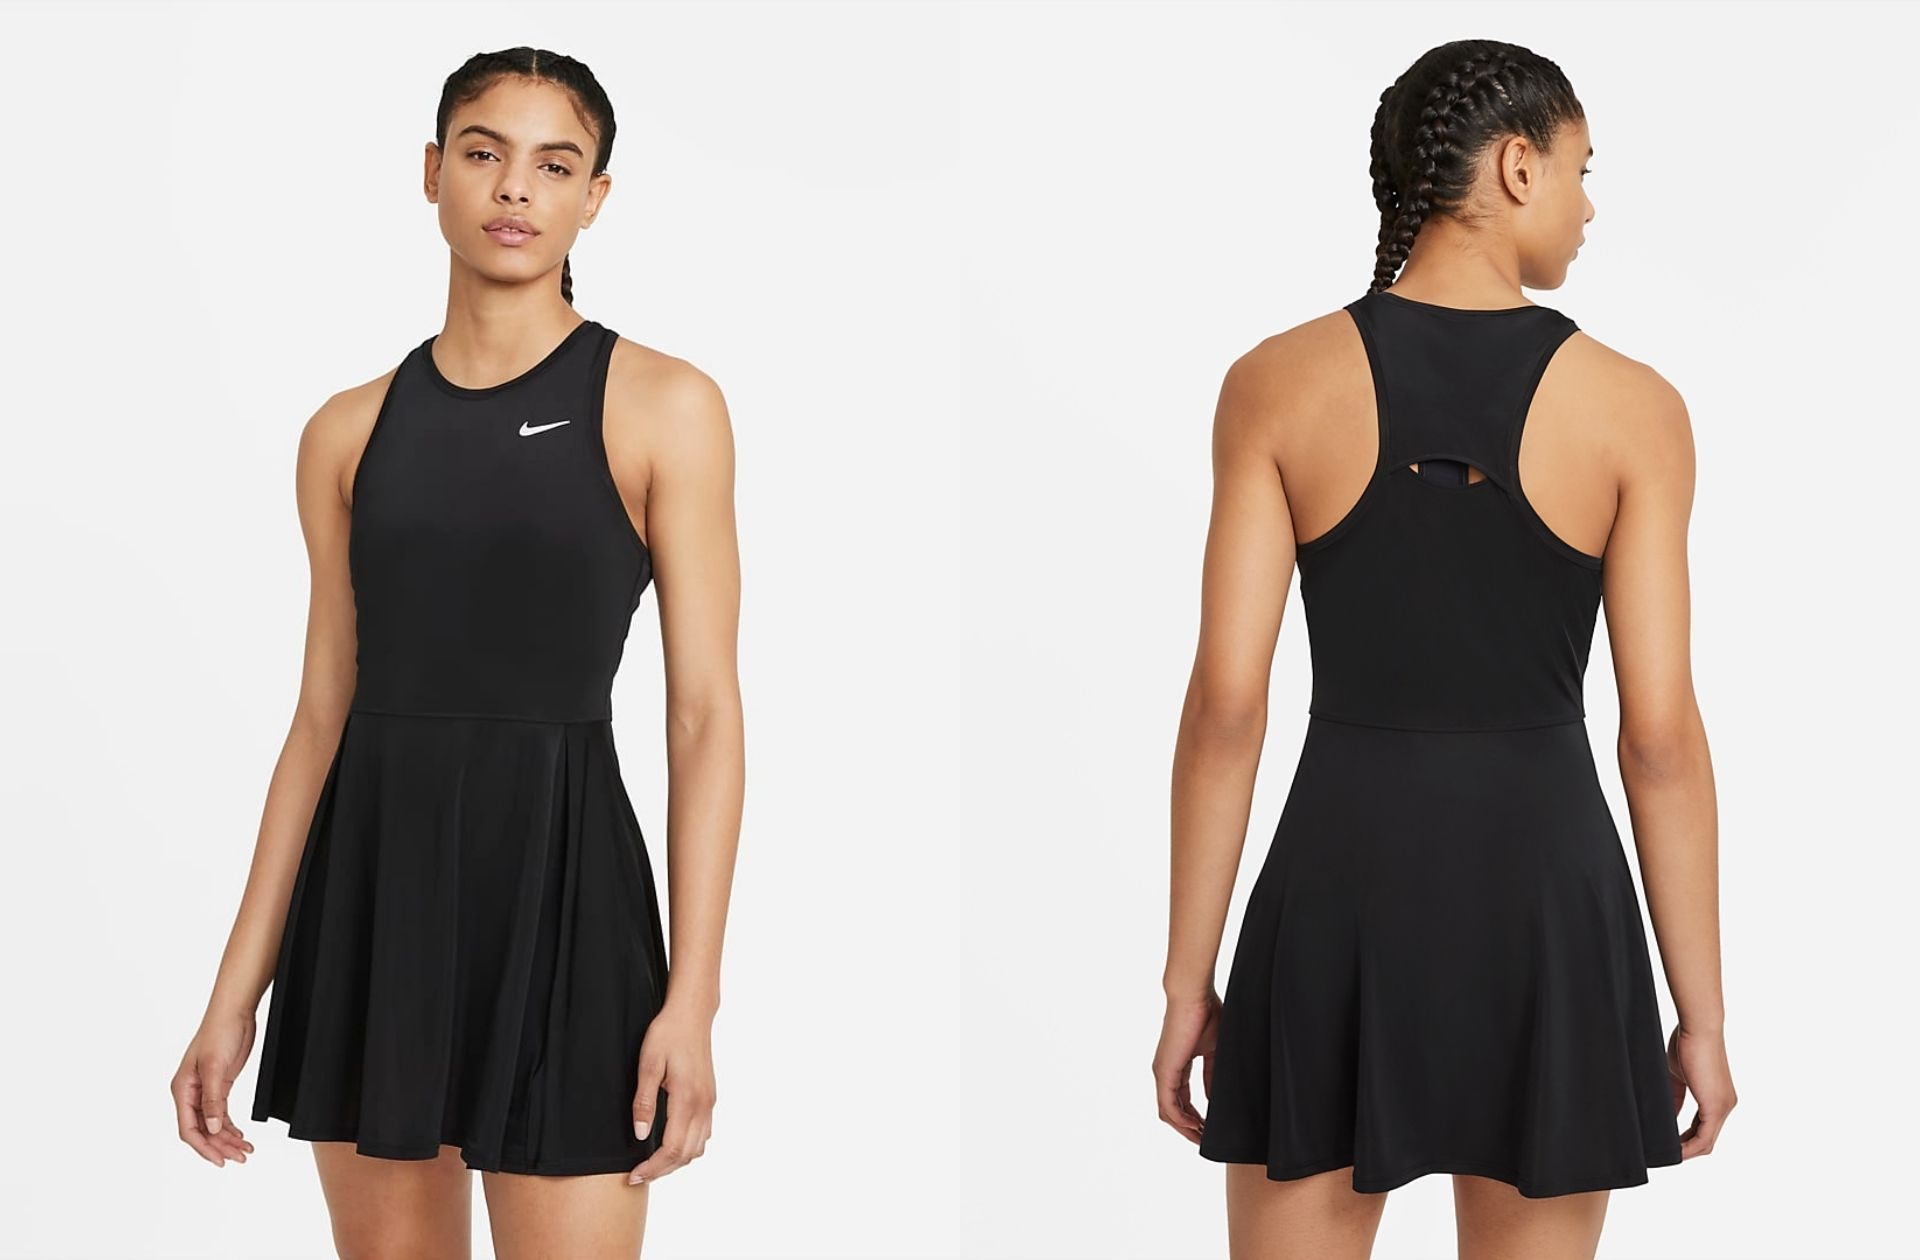 Détournées de leur fonction première, les robes de sport deviennent tendance pour le quotidien